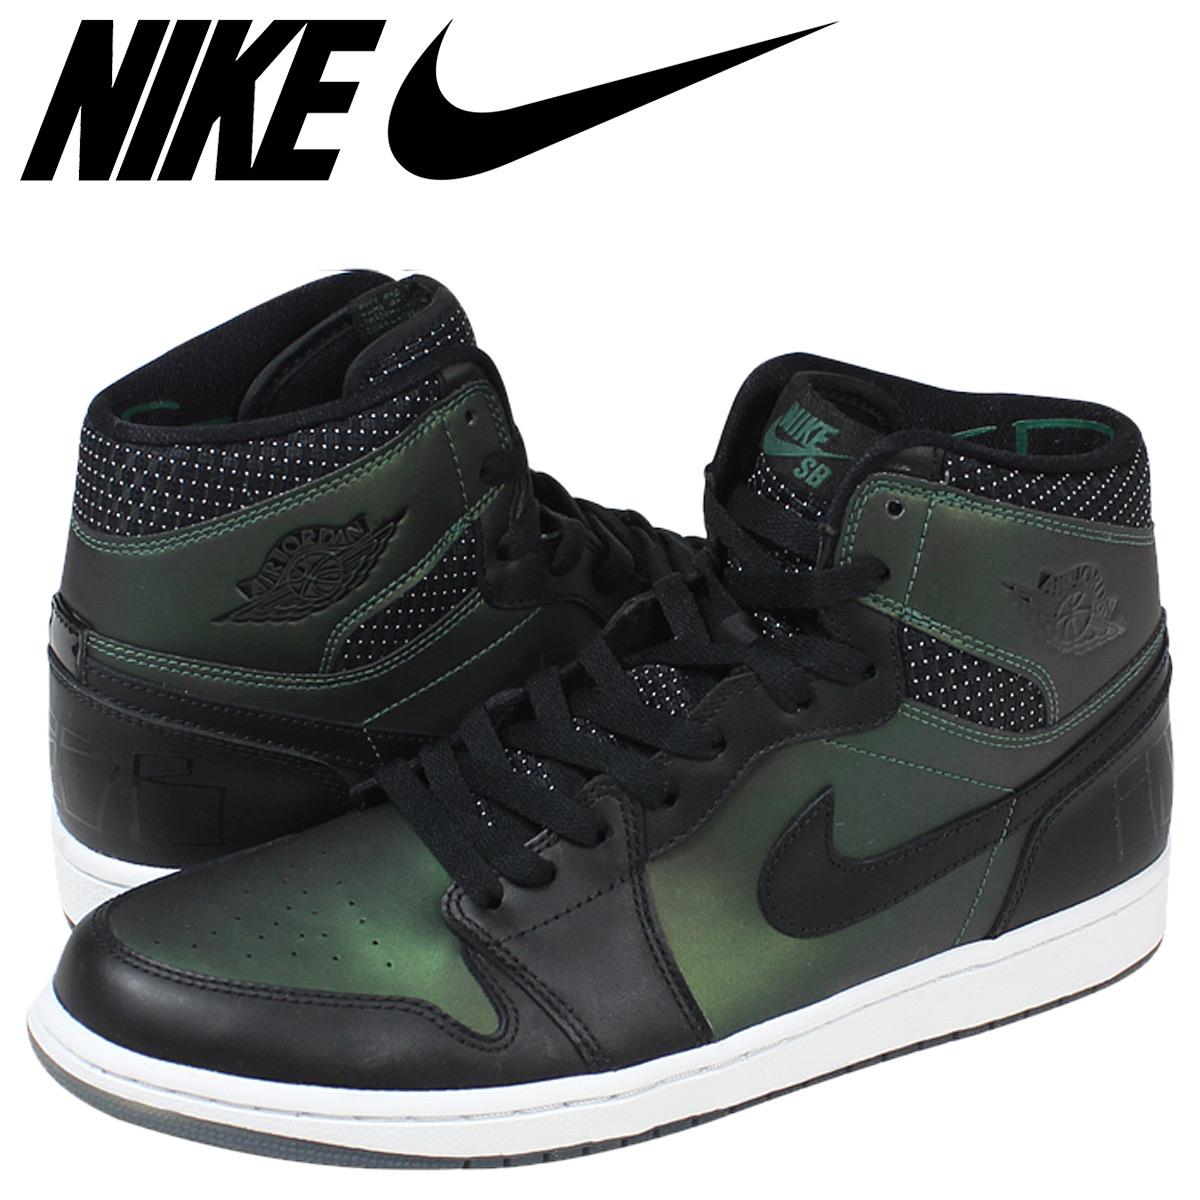 Nike NIKE SB Air Jordan sneakers AIR JORDAN 1 Air Jordan 1 653,532-001  black men